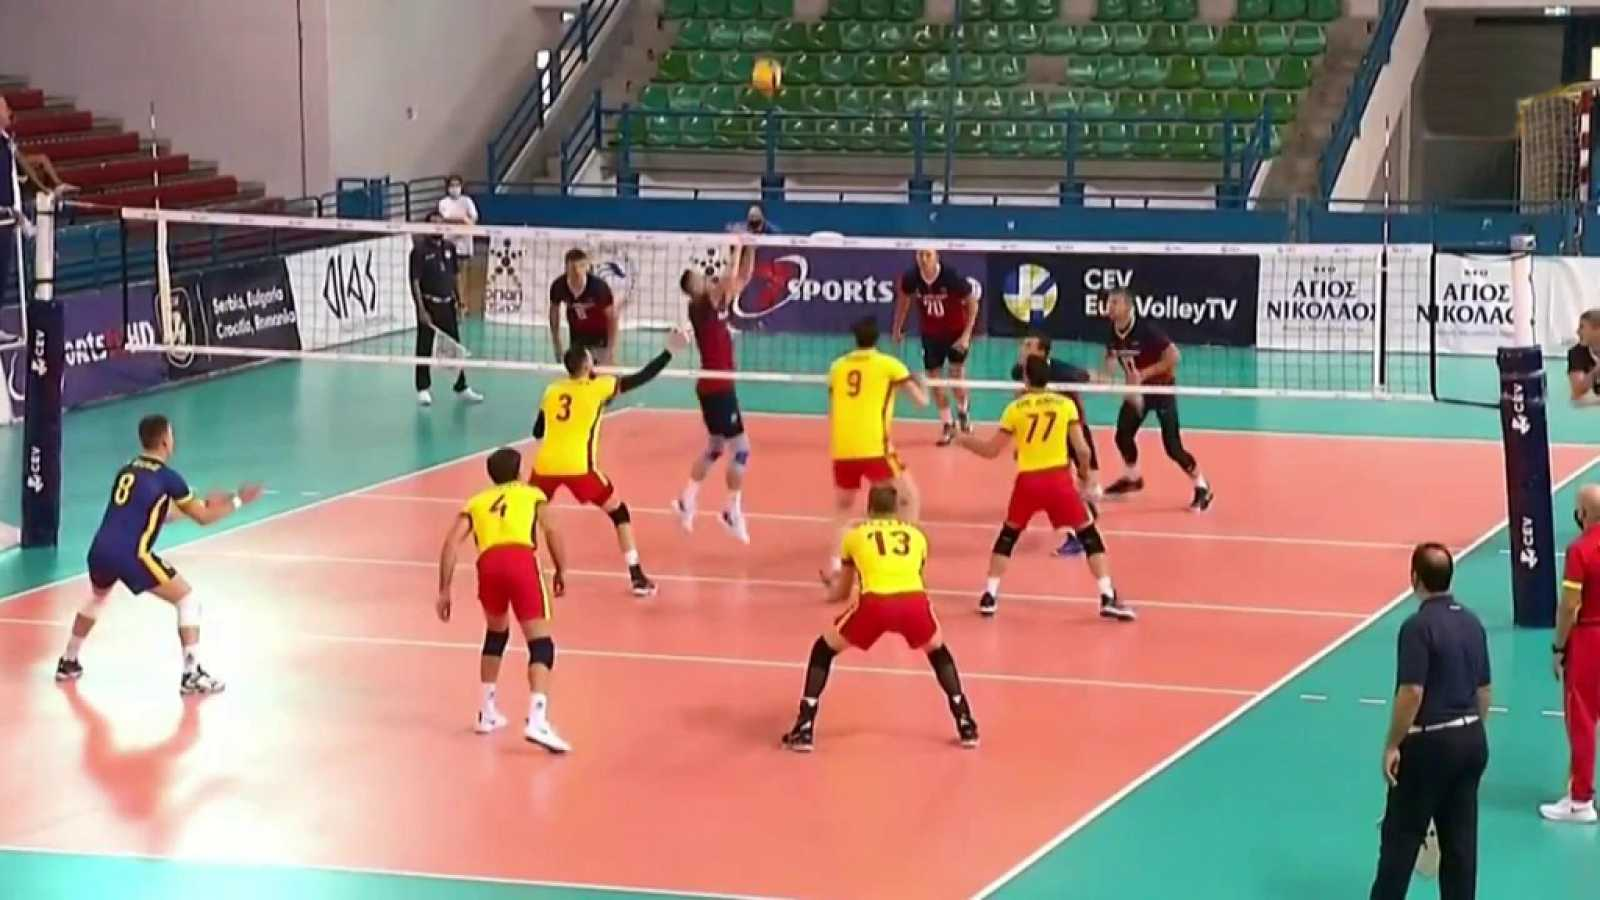 Voleibol - Clasificación Campeonato de Europa Masculino: Letonia - España - ver ahora